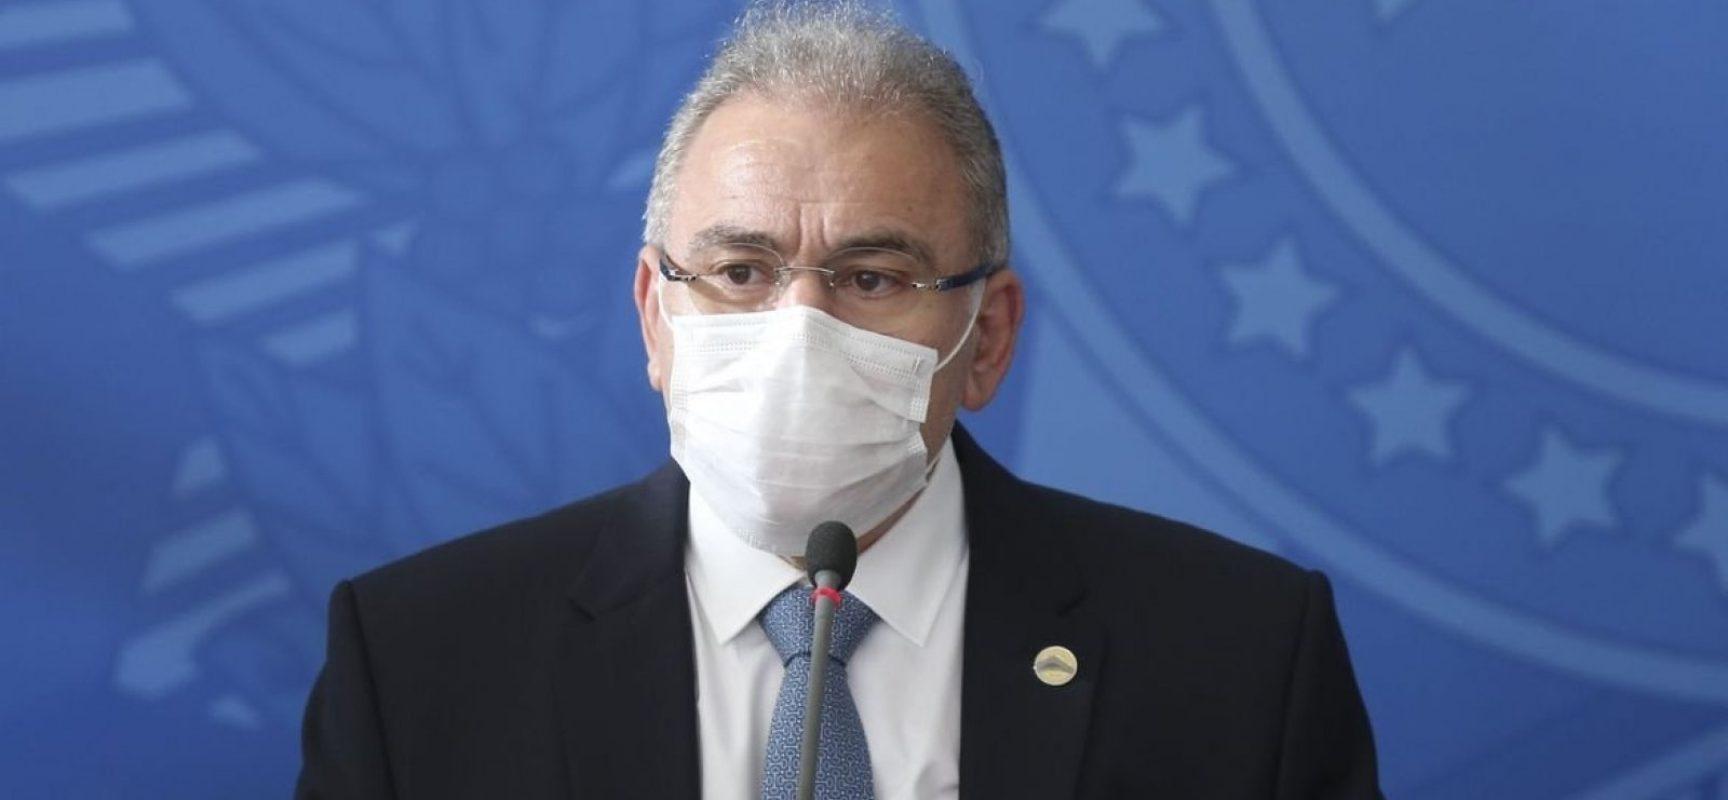 Novo ministro da Saúde pede que brasileiros usem máscara: 'Agora é pátria de máscara'